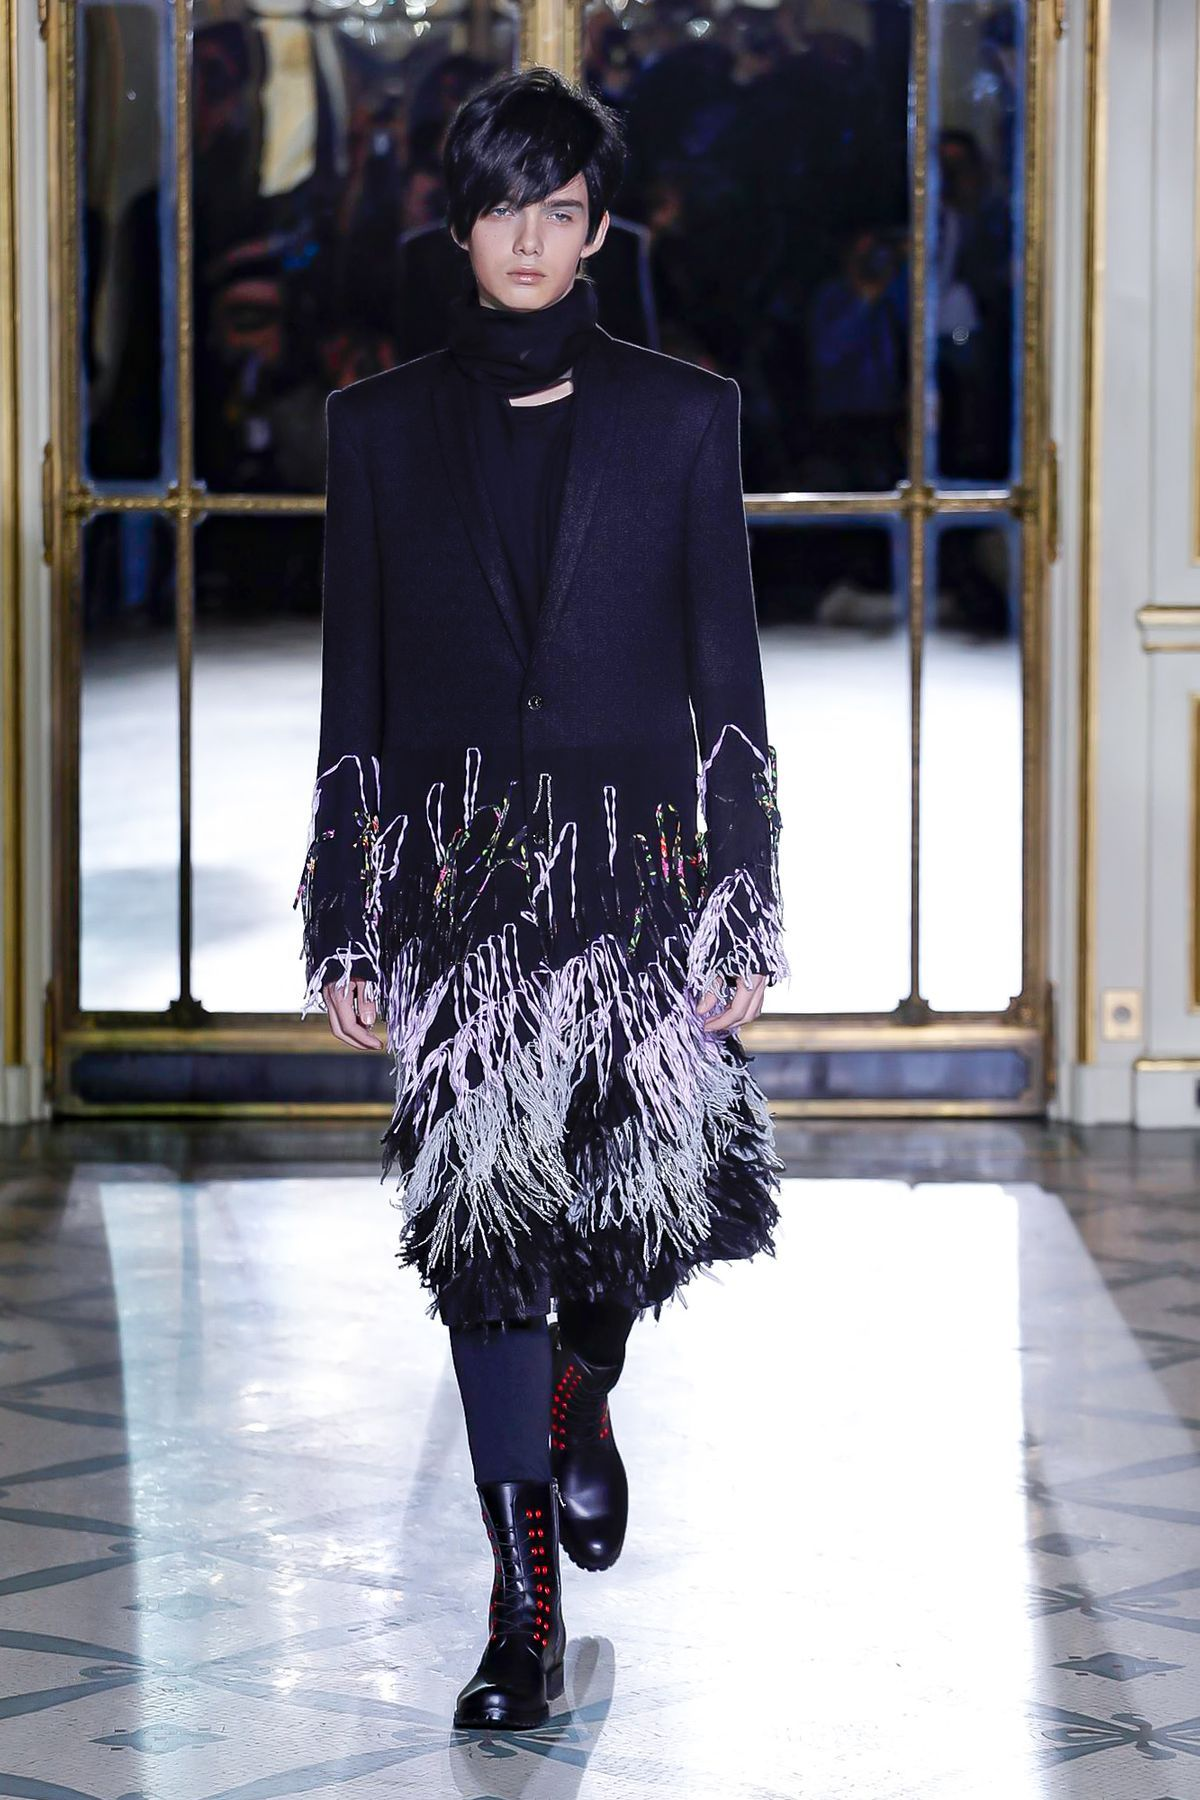 efcffe31af2 Rynshu Menswear Fall Winter 2019 Paris - NOWFASHION | Menswear ...